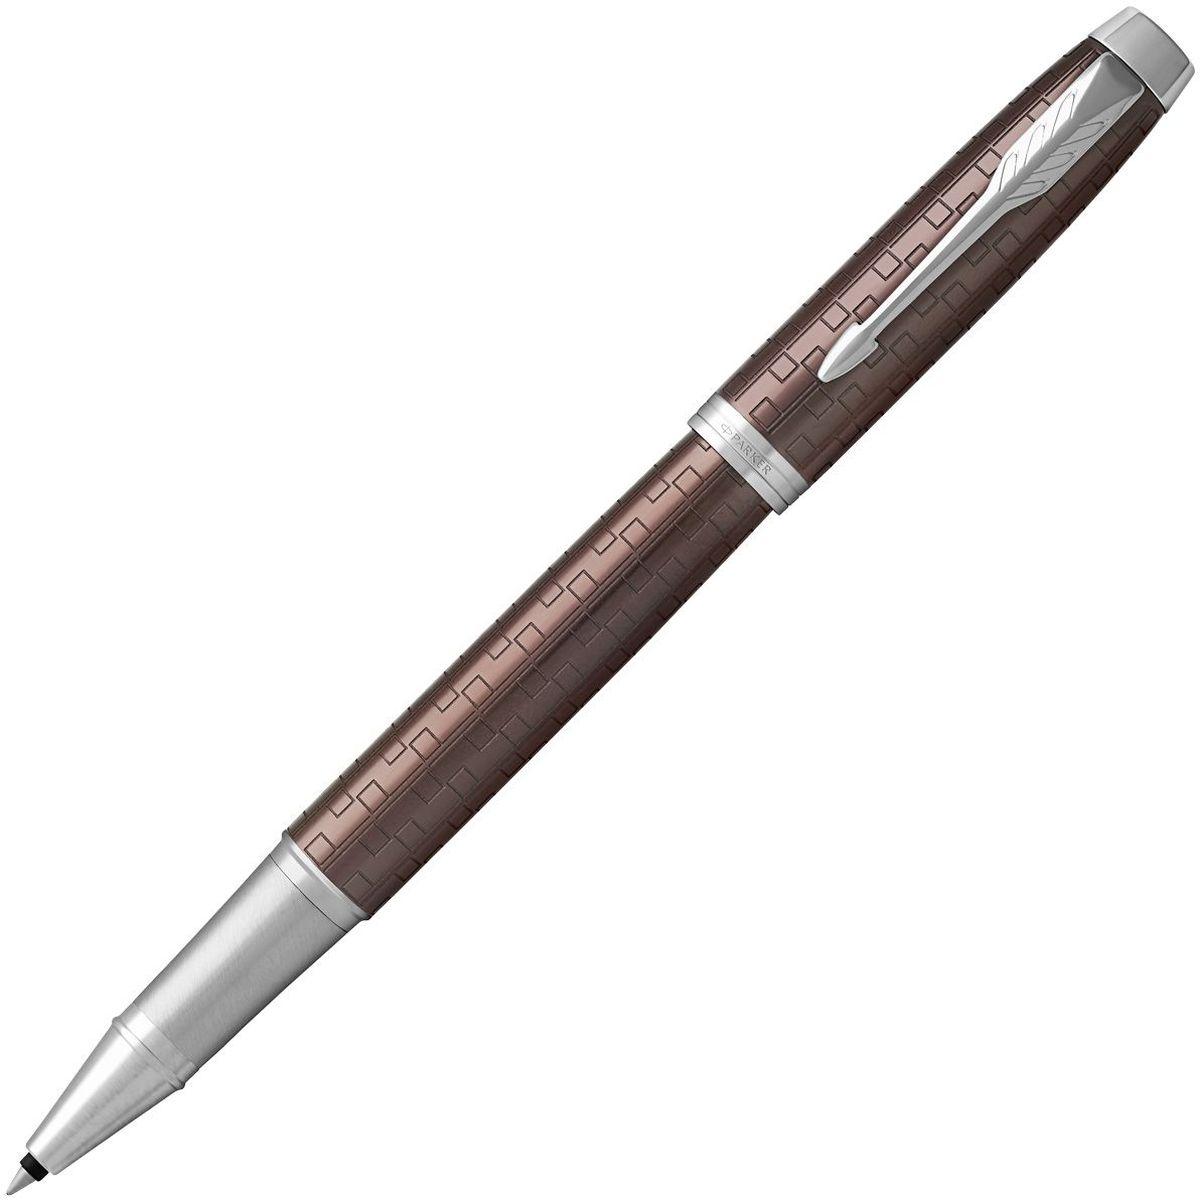 Parker Ручка-роллер IM Premium Brown CT чернаяPARKER-1931678Ручка-роллер Parker IM Premium Brown CT выполнена в корпусе из анодированного алюминия с выгравированными оригинальными графическими узорами. Хромированная отделка деталей выполнена с полировкой.Ручка-роллер Parker IM Premium Brown CT аккуратно упакована в футляр.Марка Parker гарантирует полную уверенность в превосходном качестве товара. Ручка-роллер Parker IM Premium Brown CT будет не только долго служить, но и неизменно радовать удобством и легкостью письма, надежностью в эксплуатации и прекрасным эстетическим исполнением.